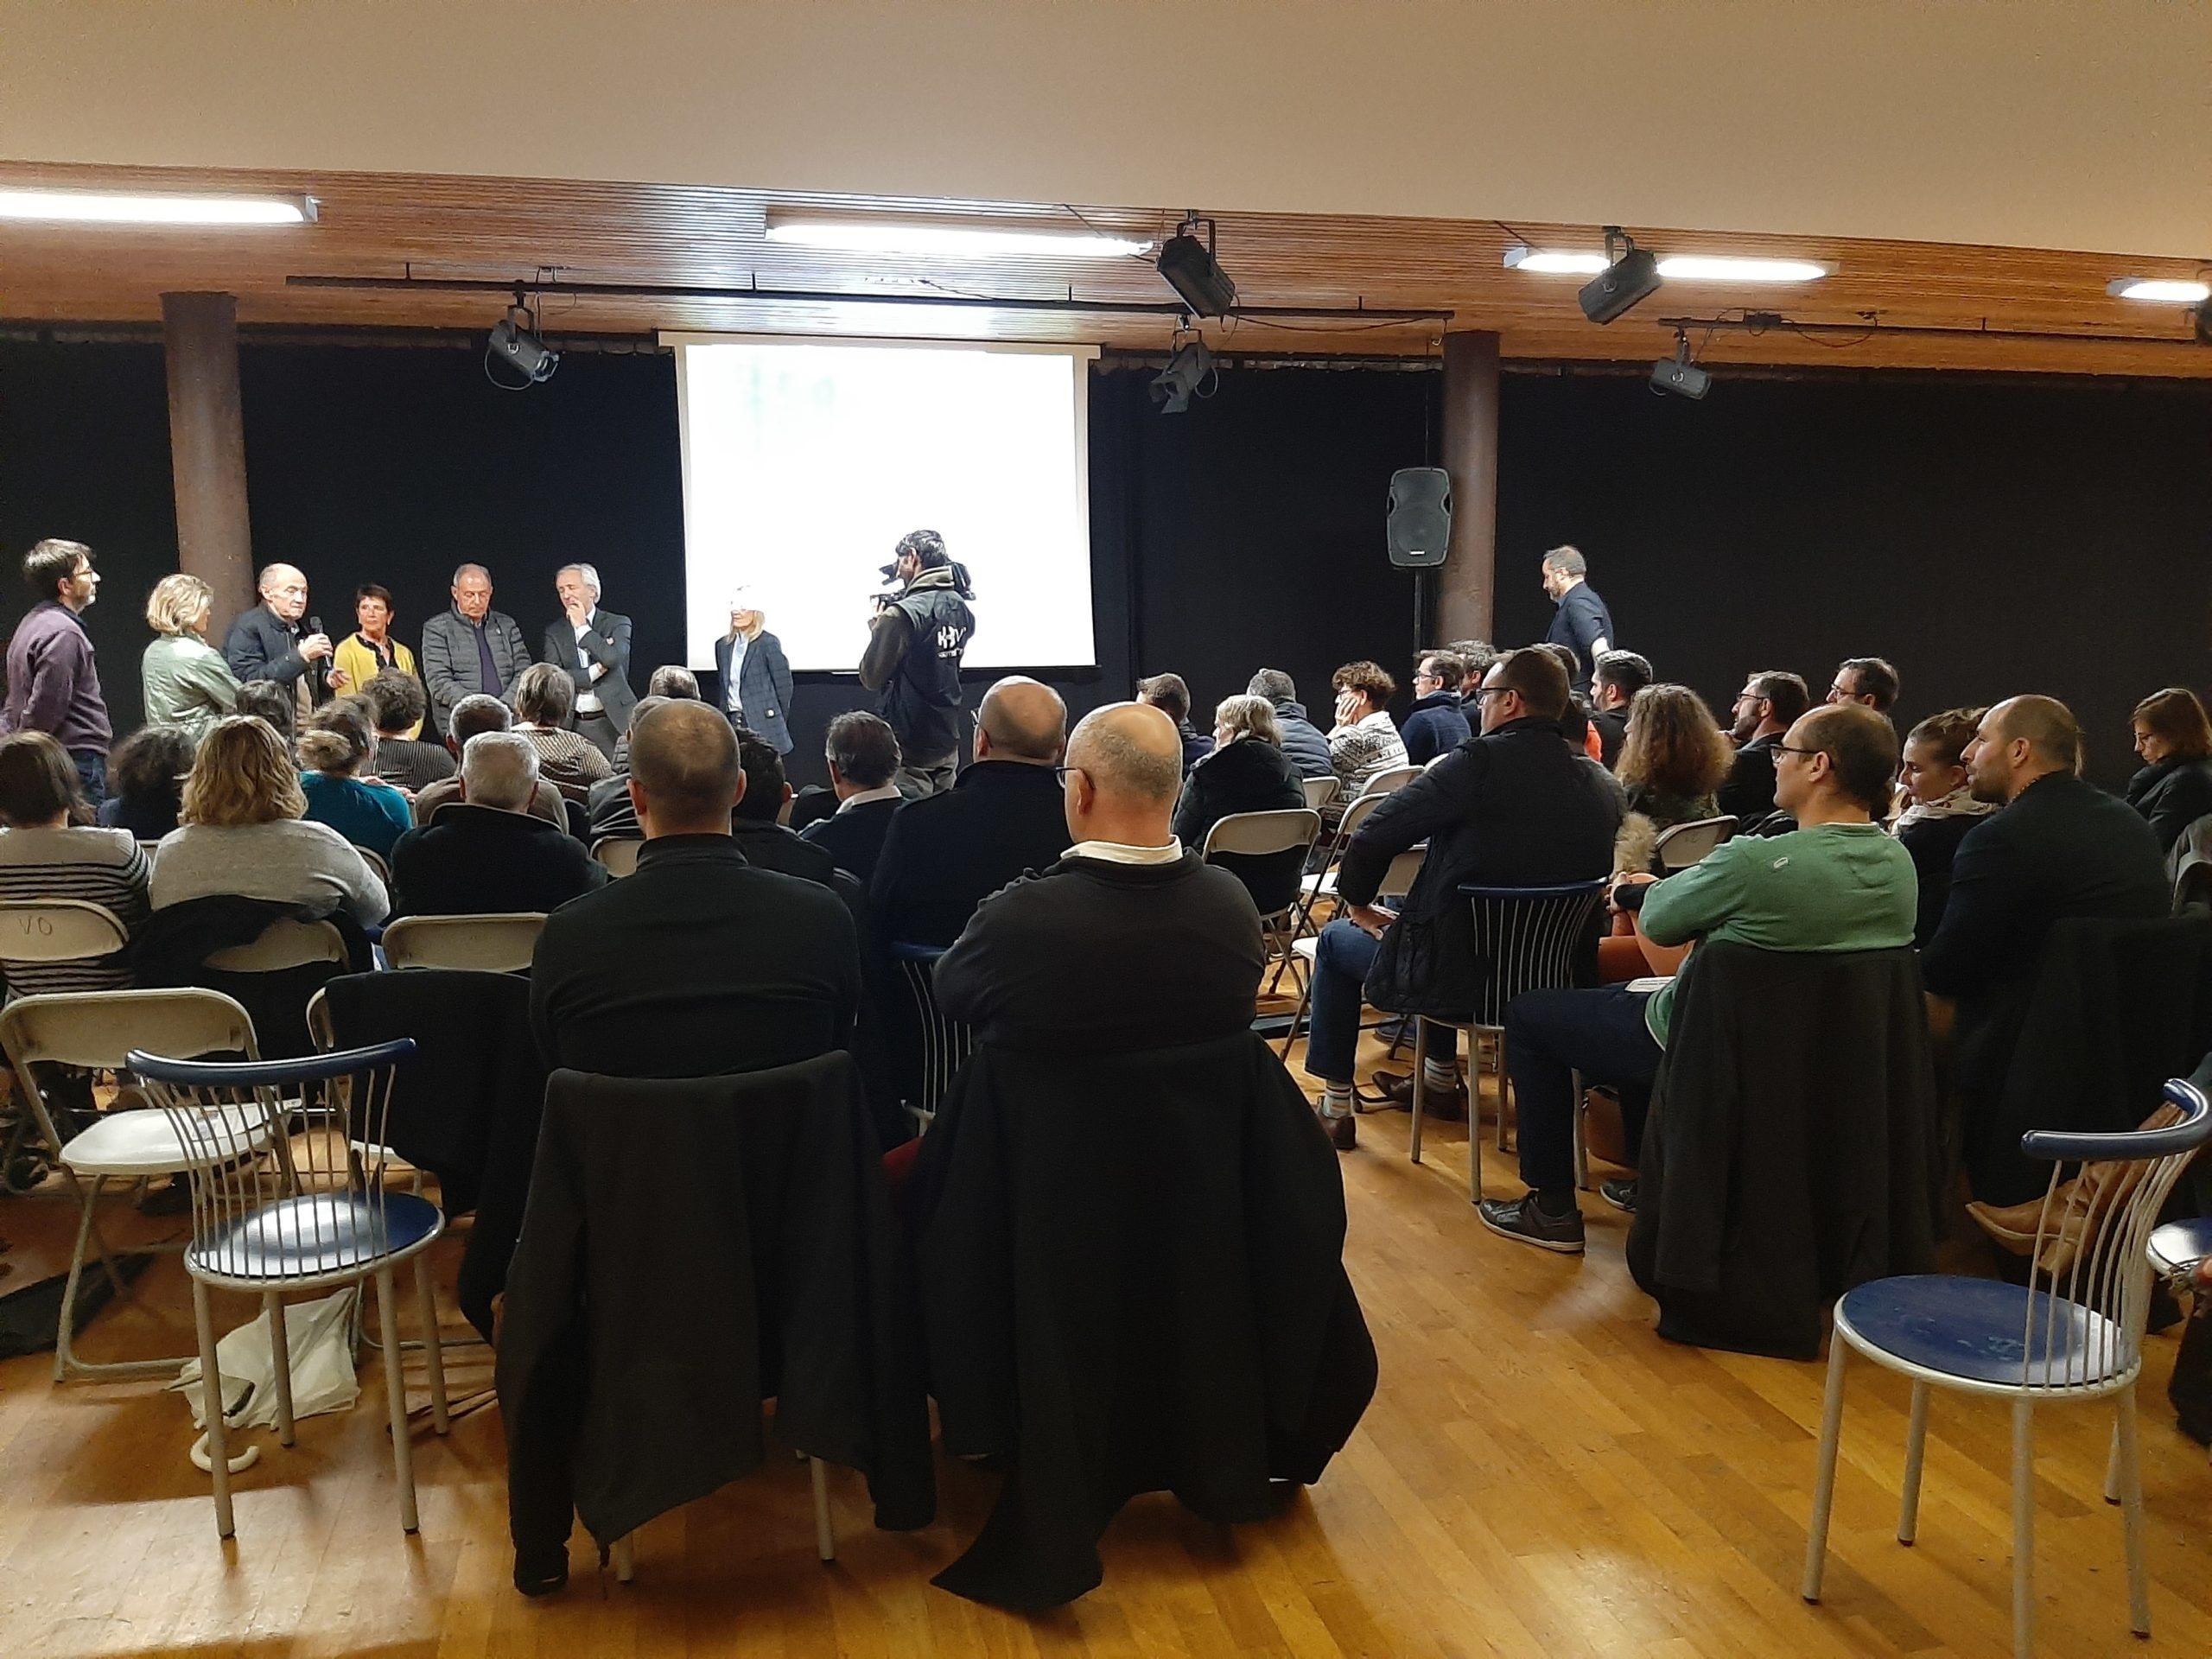 (Agenda) Mardi 21/09 à 19h30 : Nouvelle Soirée Pitchs de Haut Béarn+